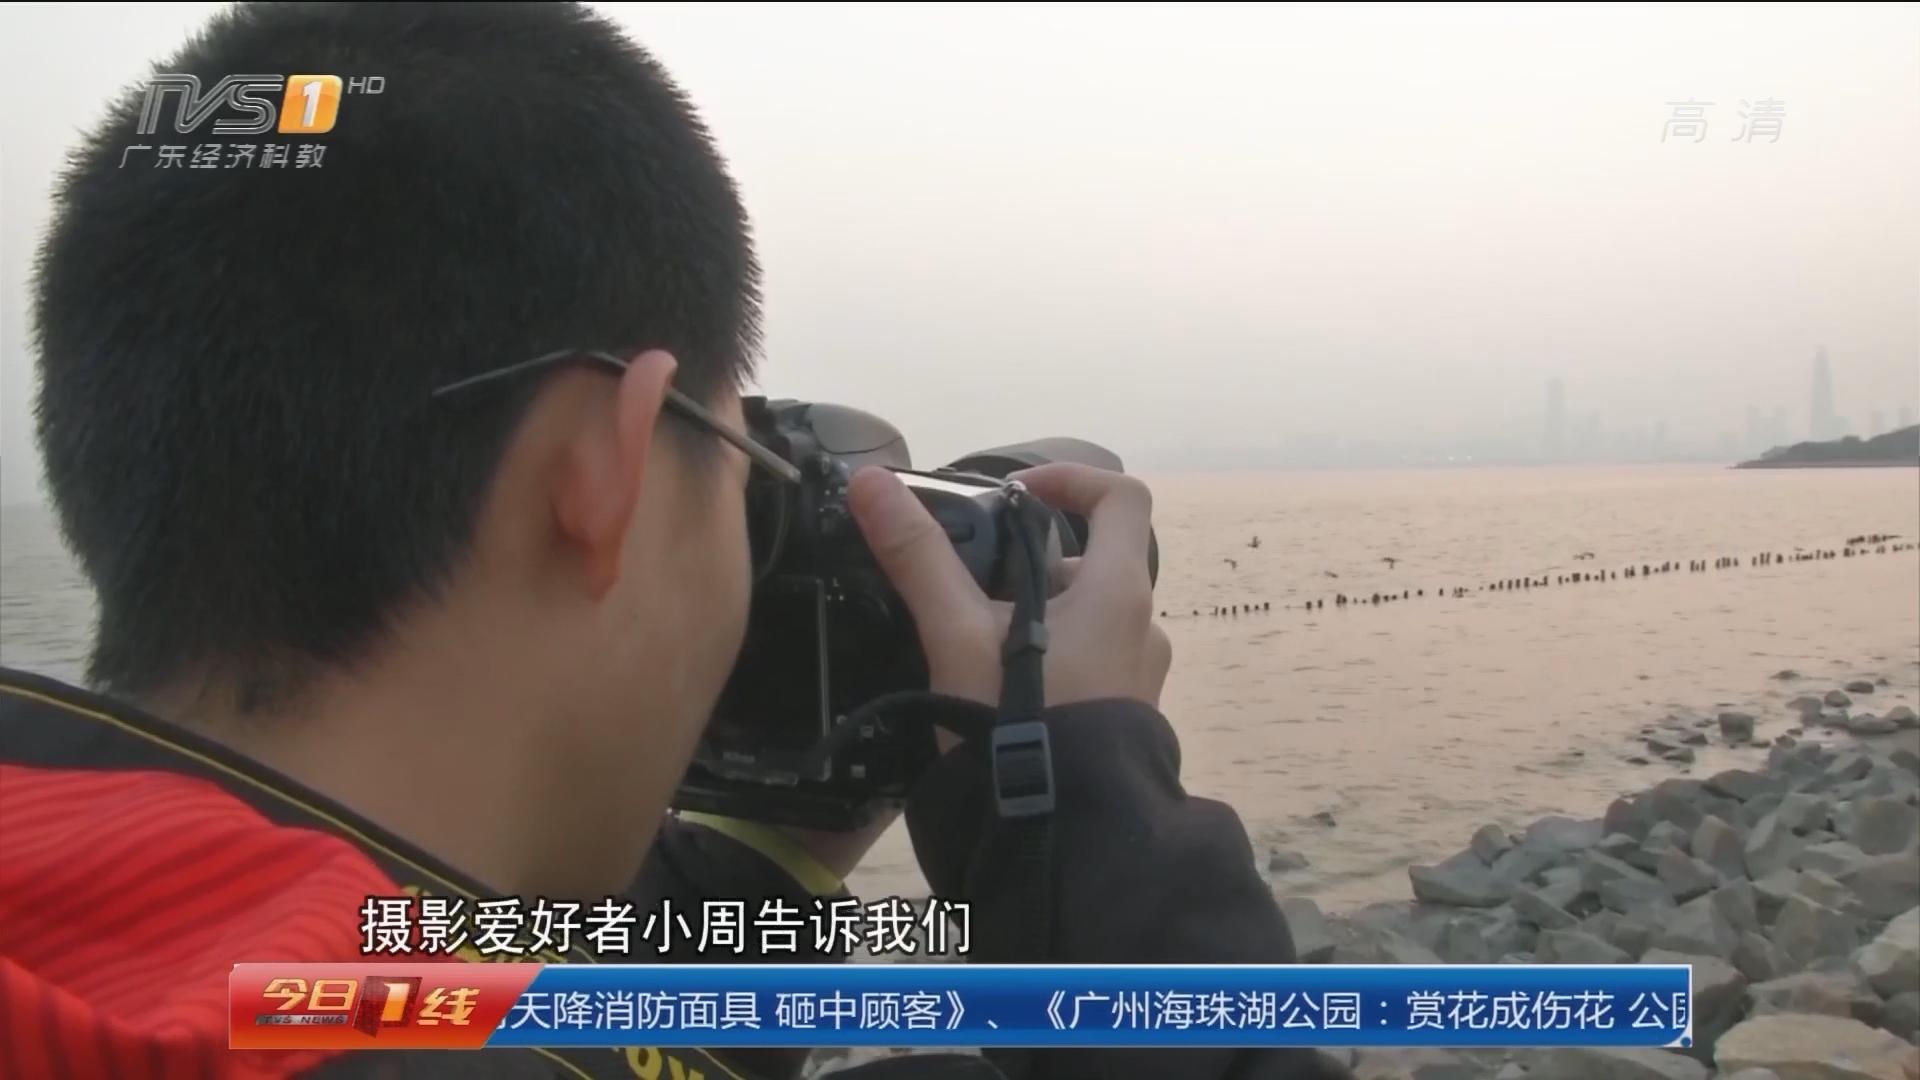 深圳南山:候鸟天团降临深圳湾 游客饱眼福